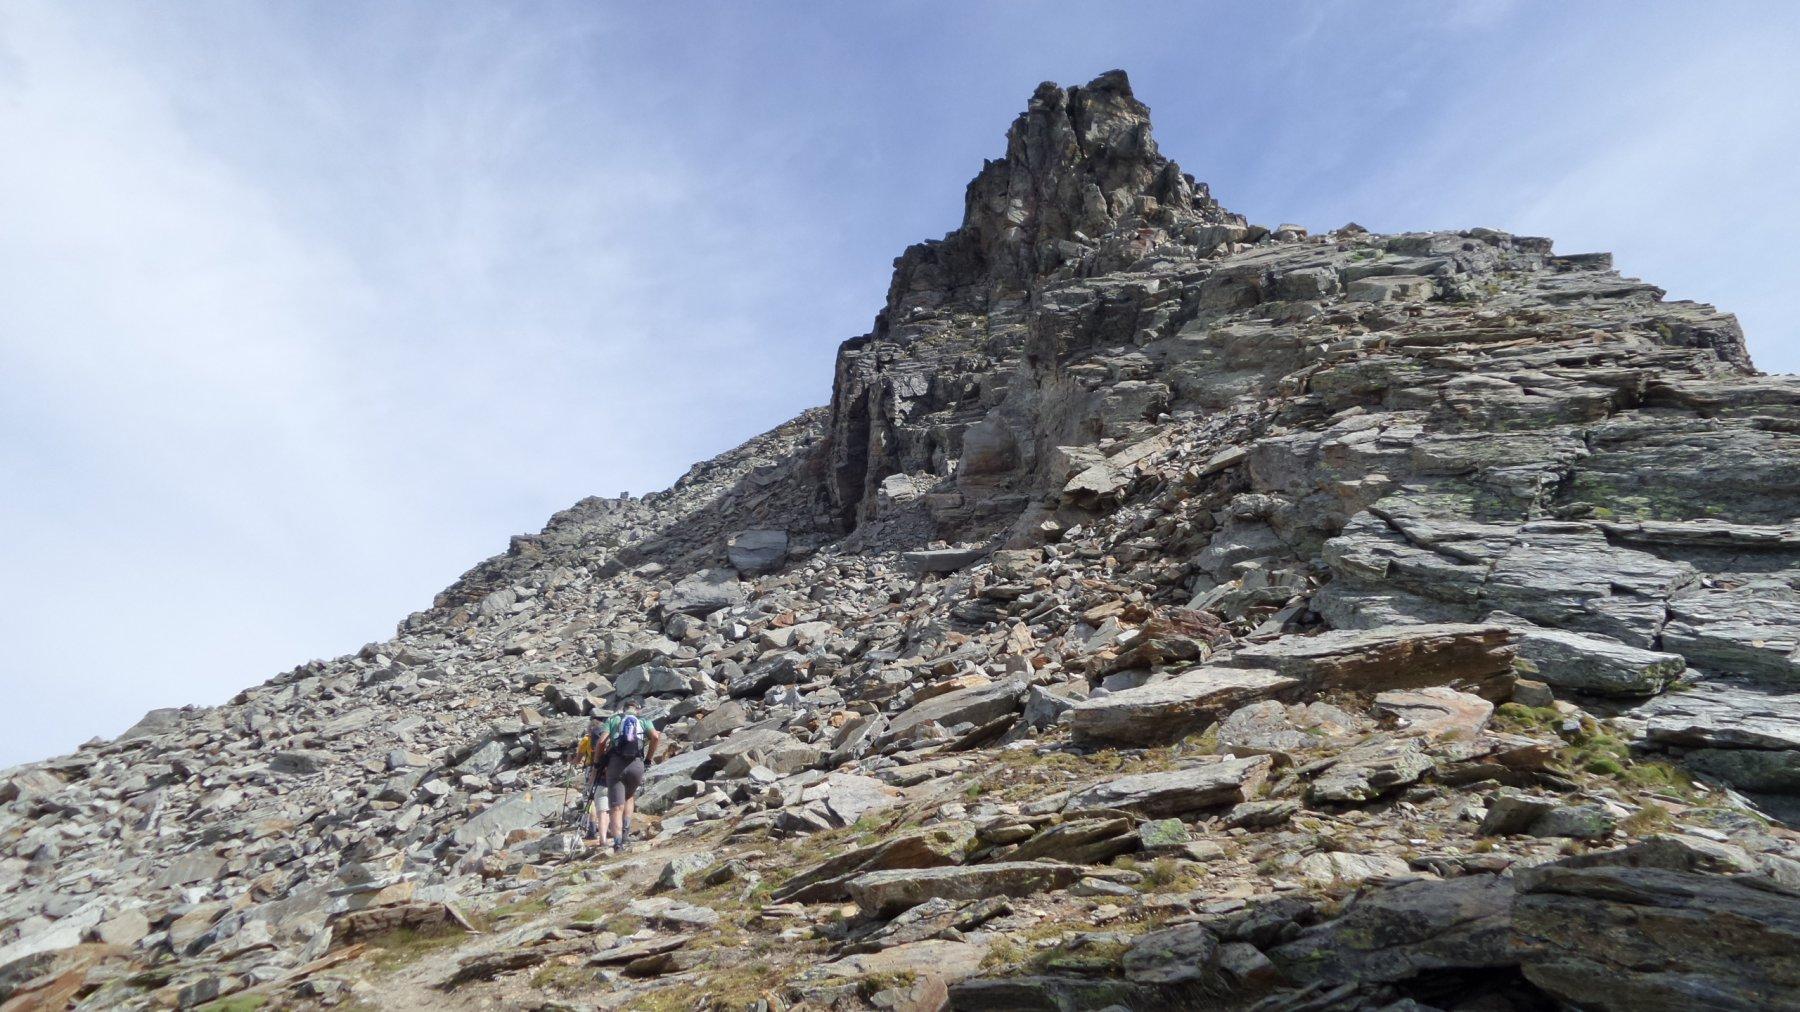 passando sotto la torre rocciosa di rocce frantumate